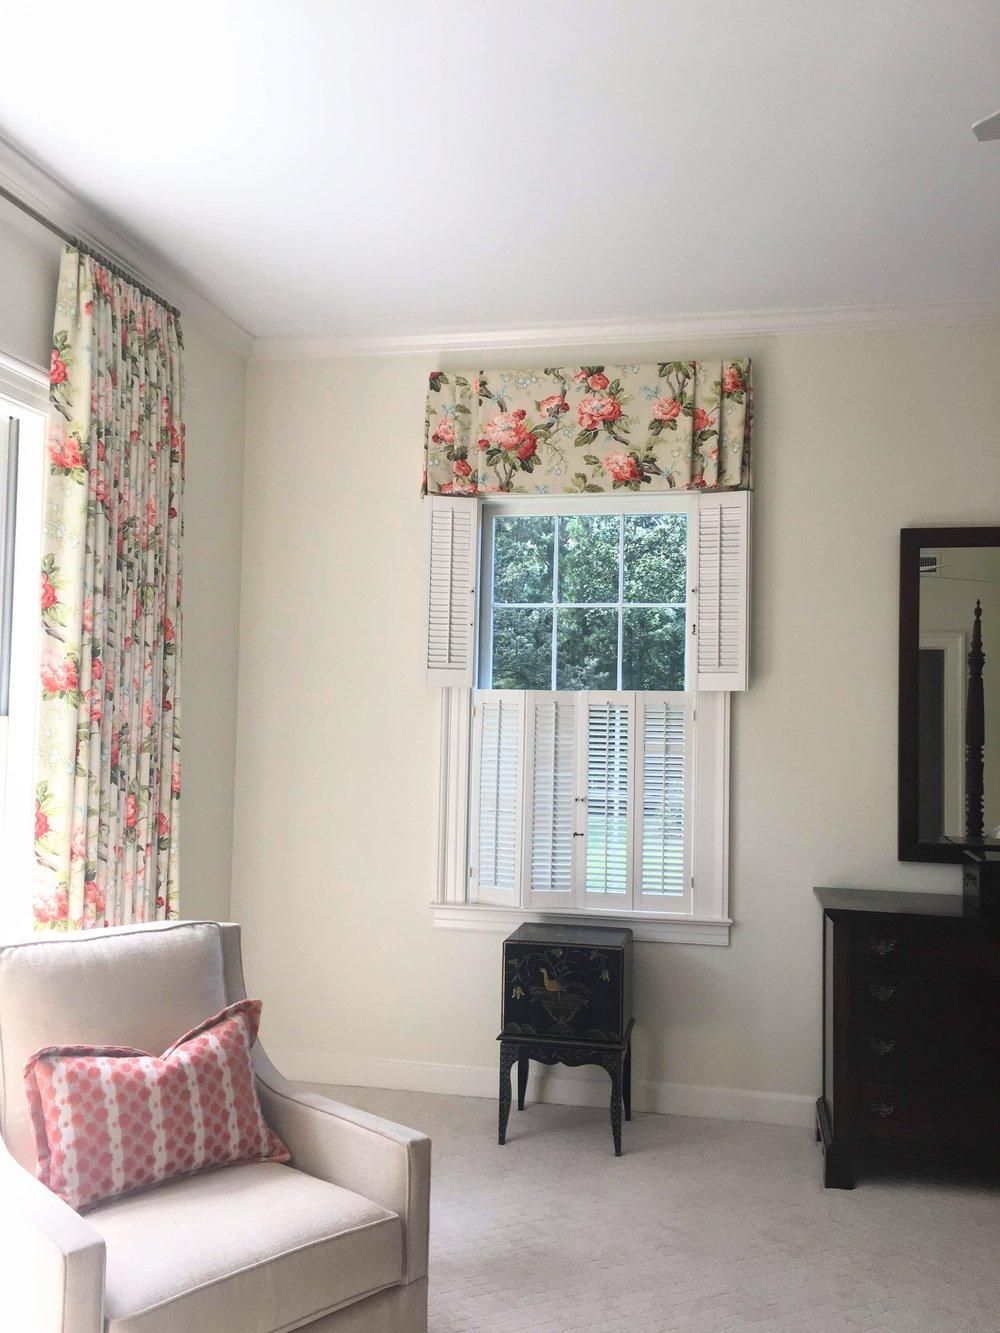 Master Bedroom Dresser wall - After